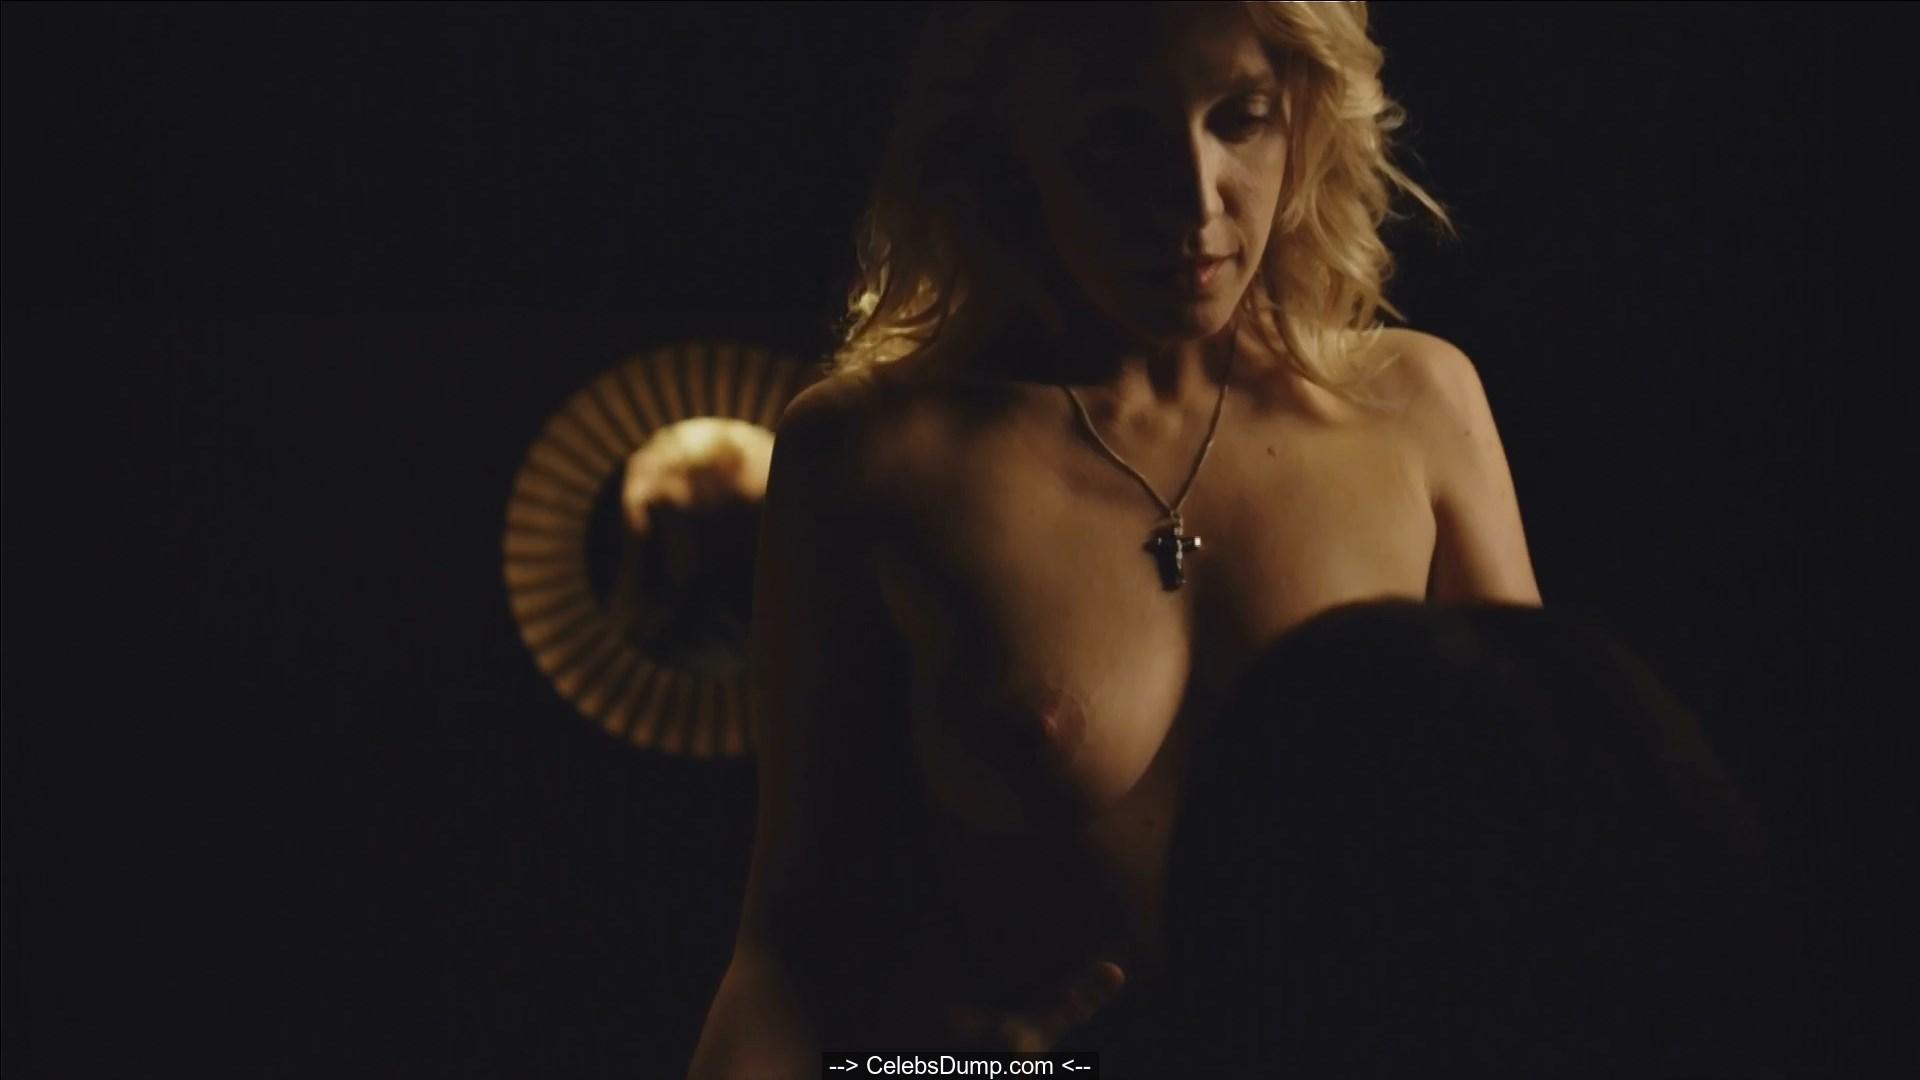 Sexy ludivine sagnier nude